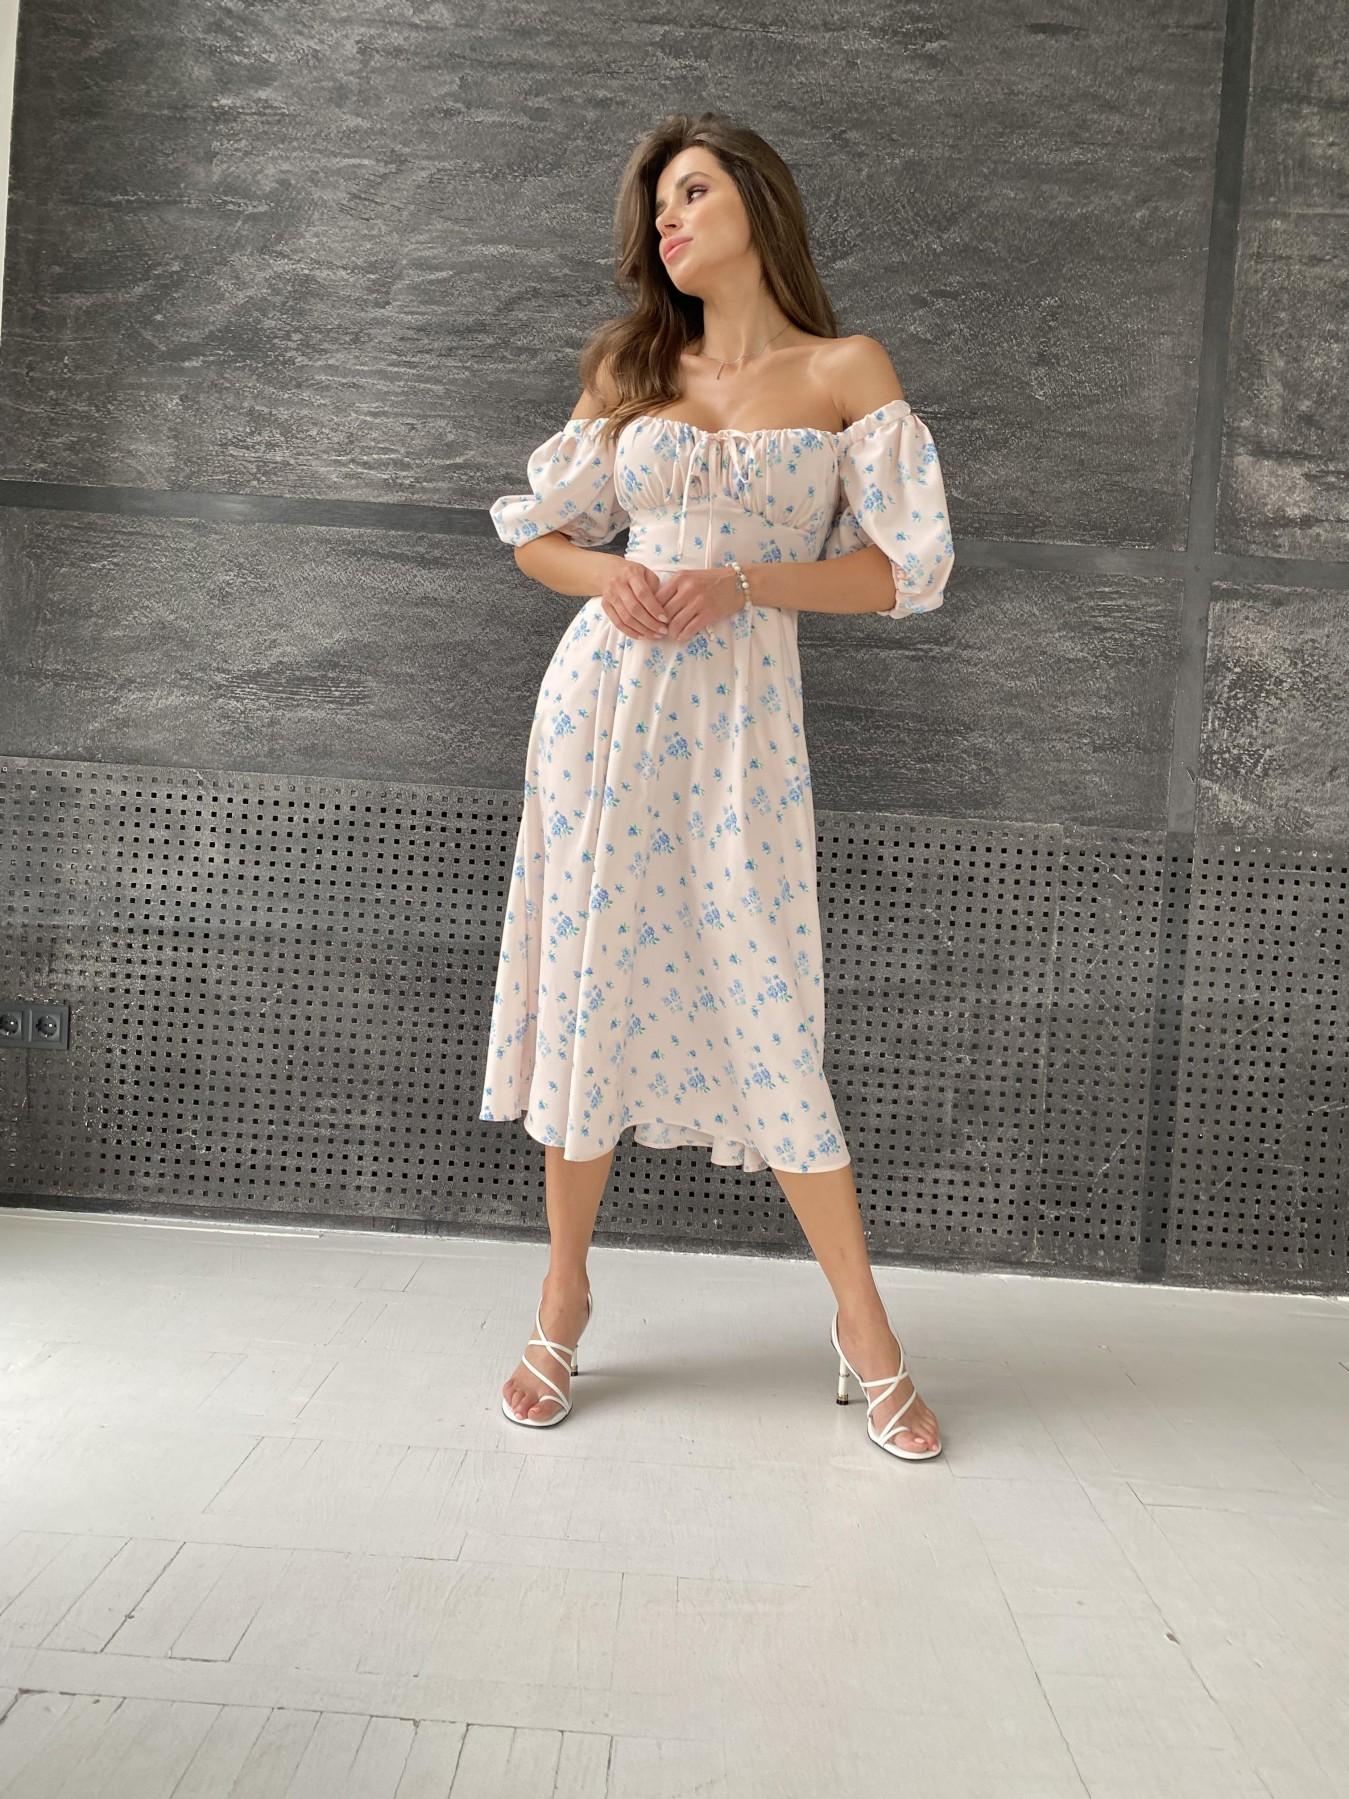 Кисес Миди платье из софт ткани в принт 11348 АРТ. 48187 Цвет: Пудра/голубойЦветыНаВетке - фото 4, интернет магазин tm-modus.ru